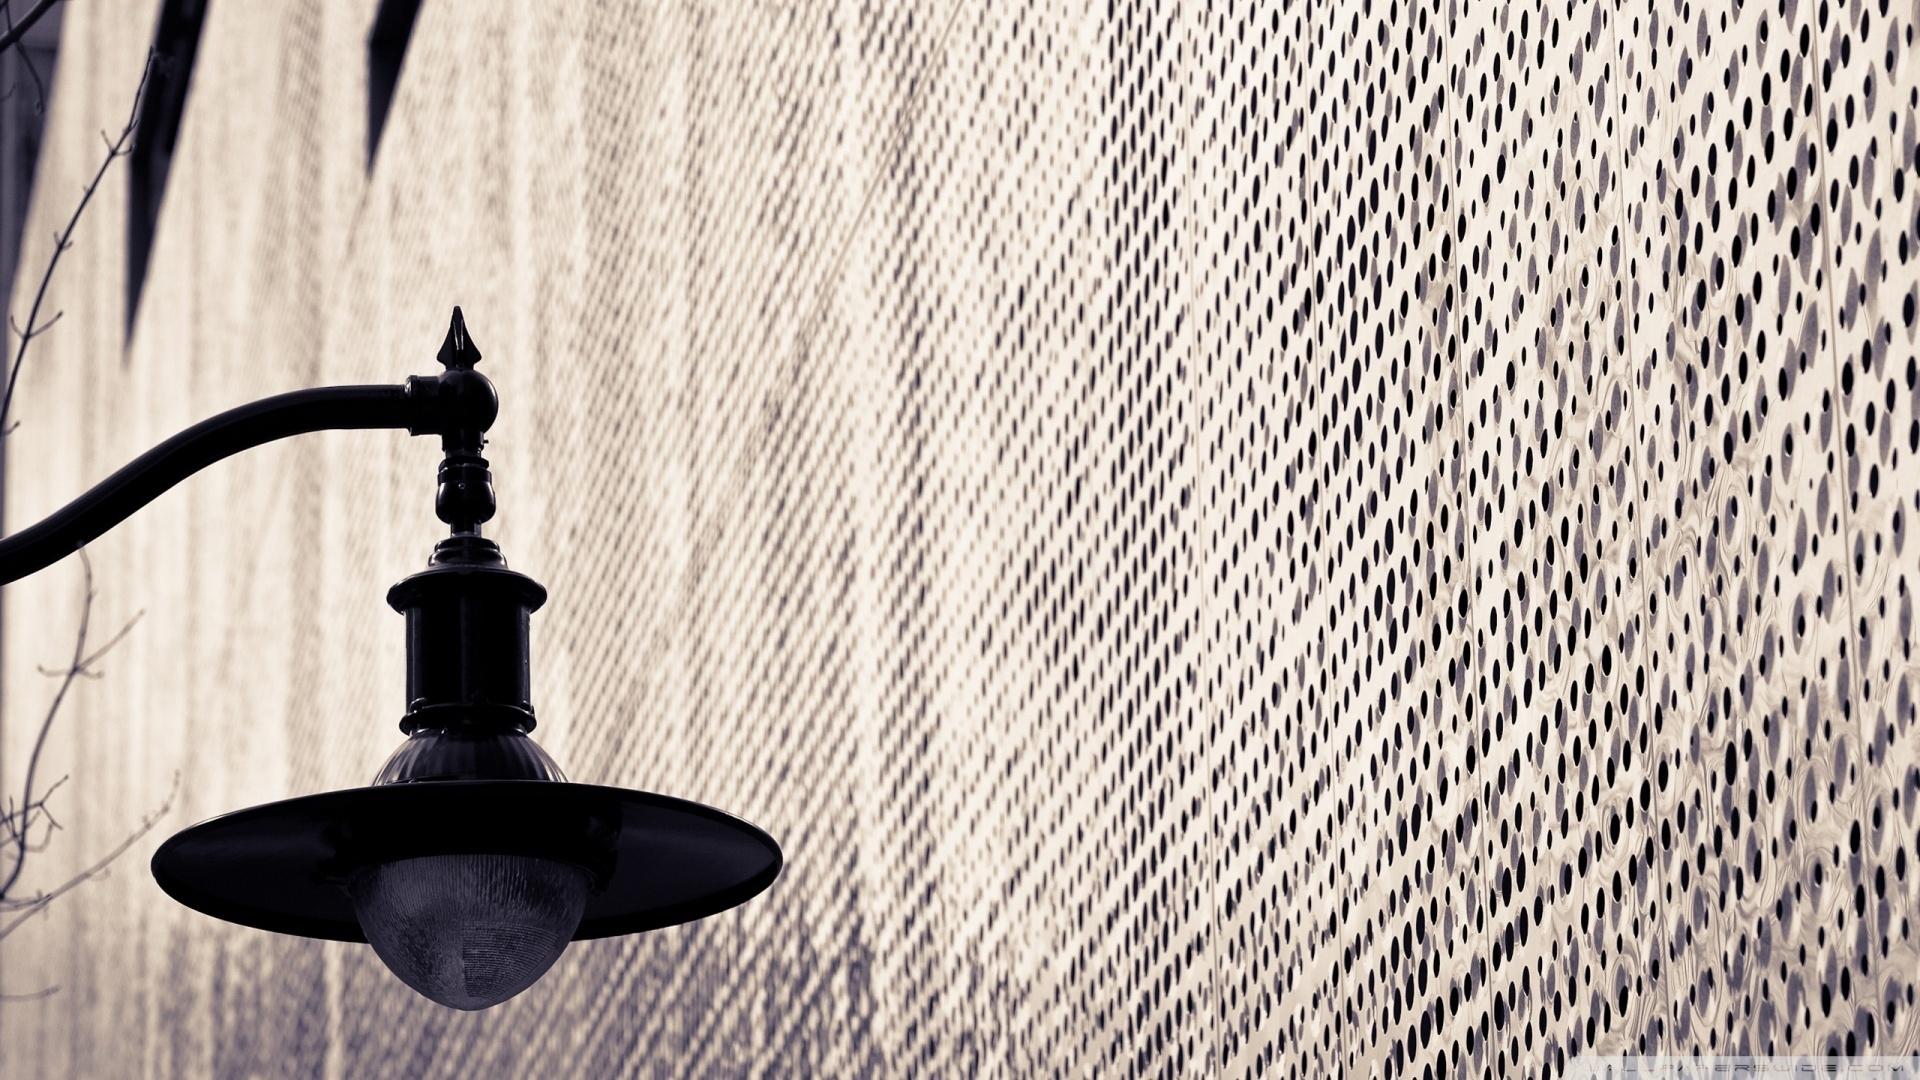 Lantern HD Wallpaper